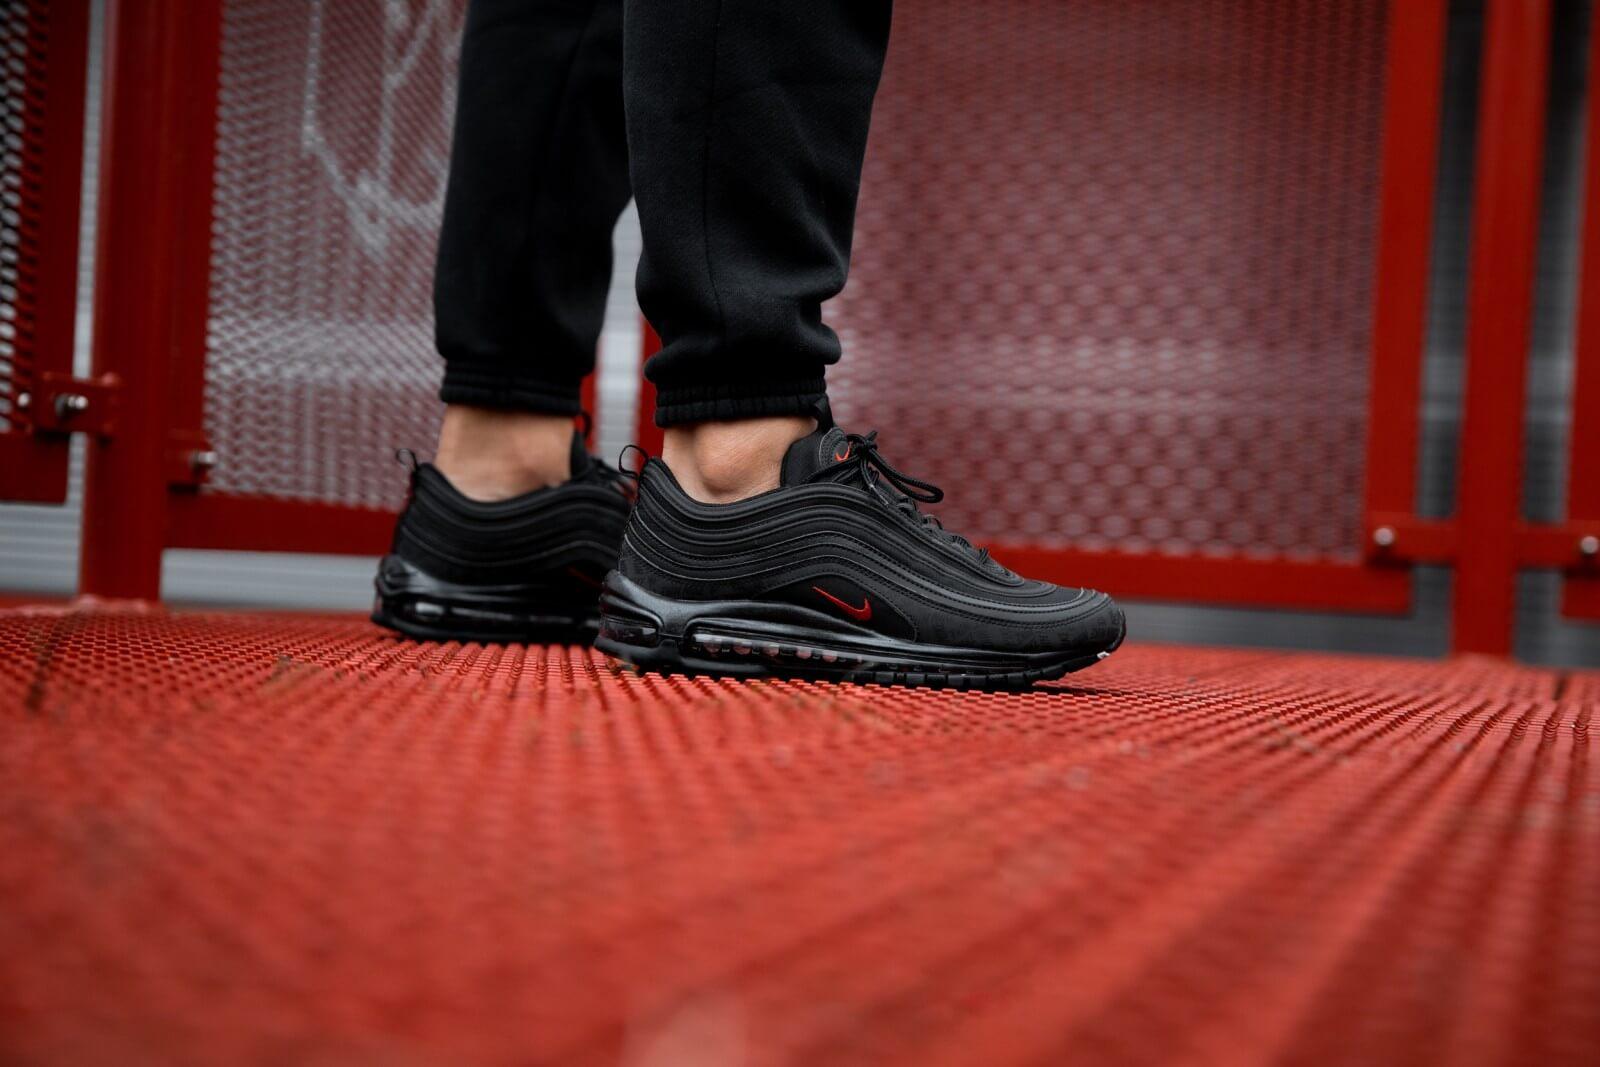 Nike Air Max 97 Black/University Red